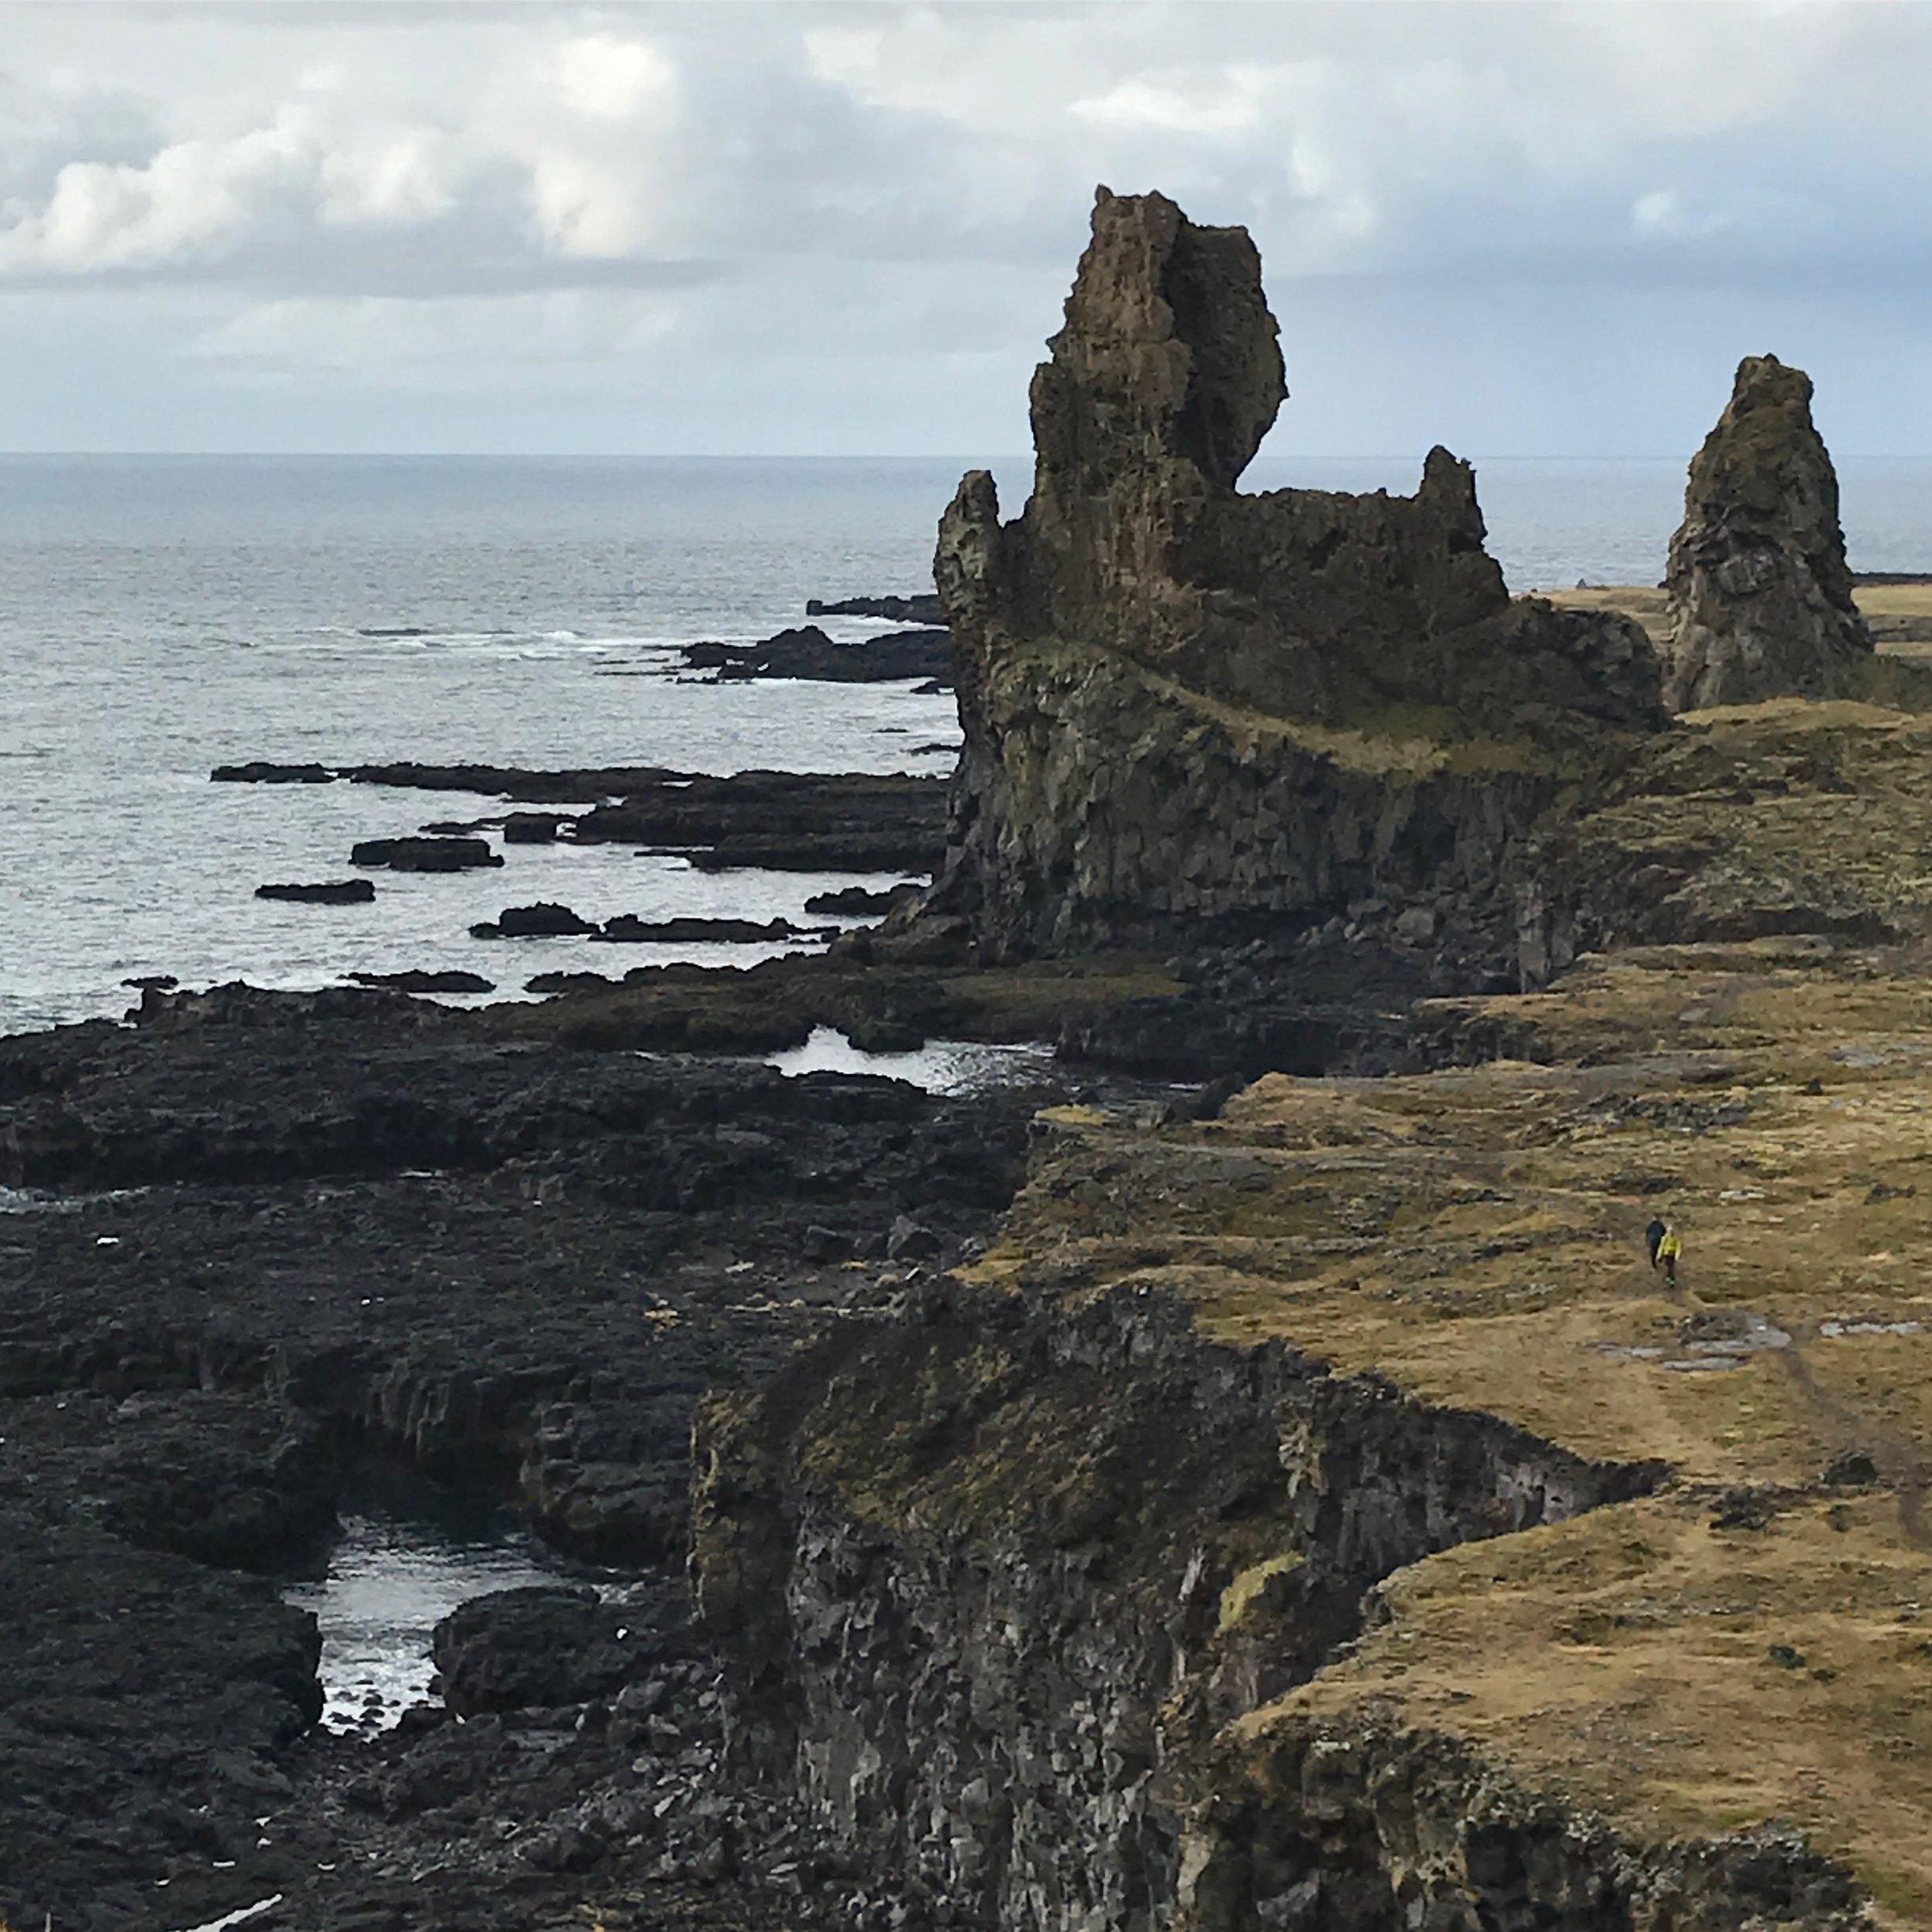 The pillars at Lóndrangar